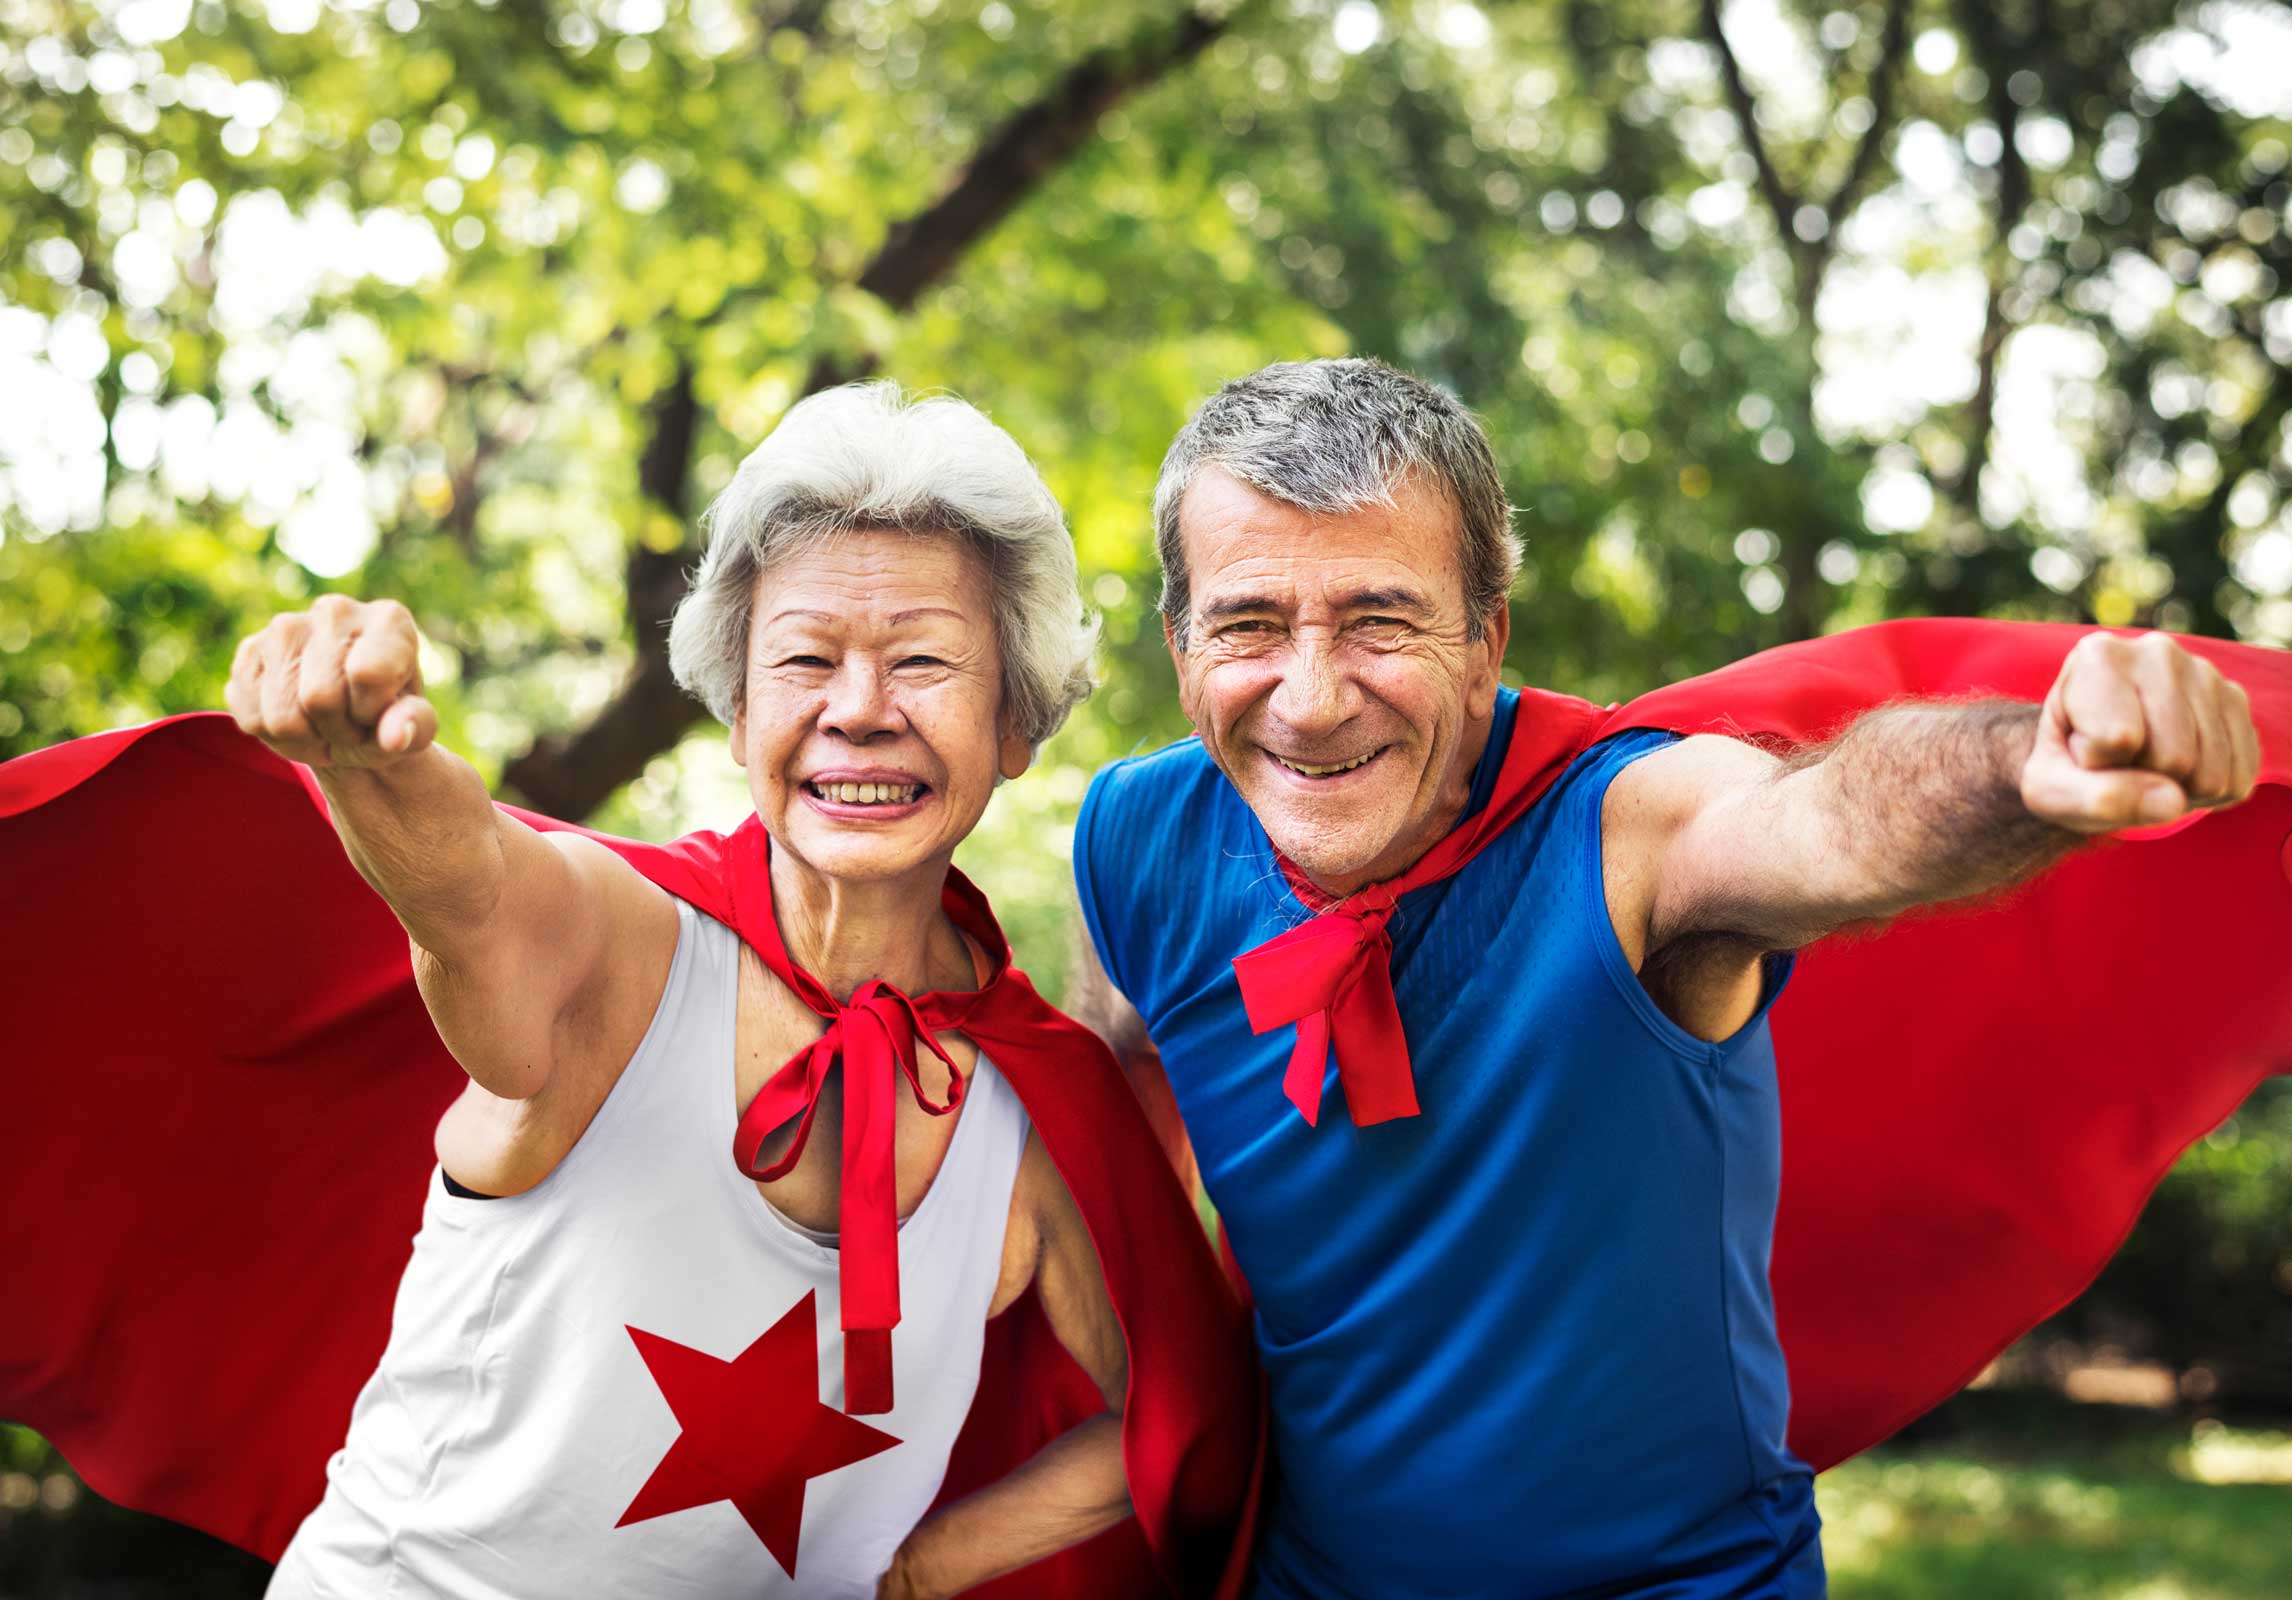 You can be a survivor superhero!